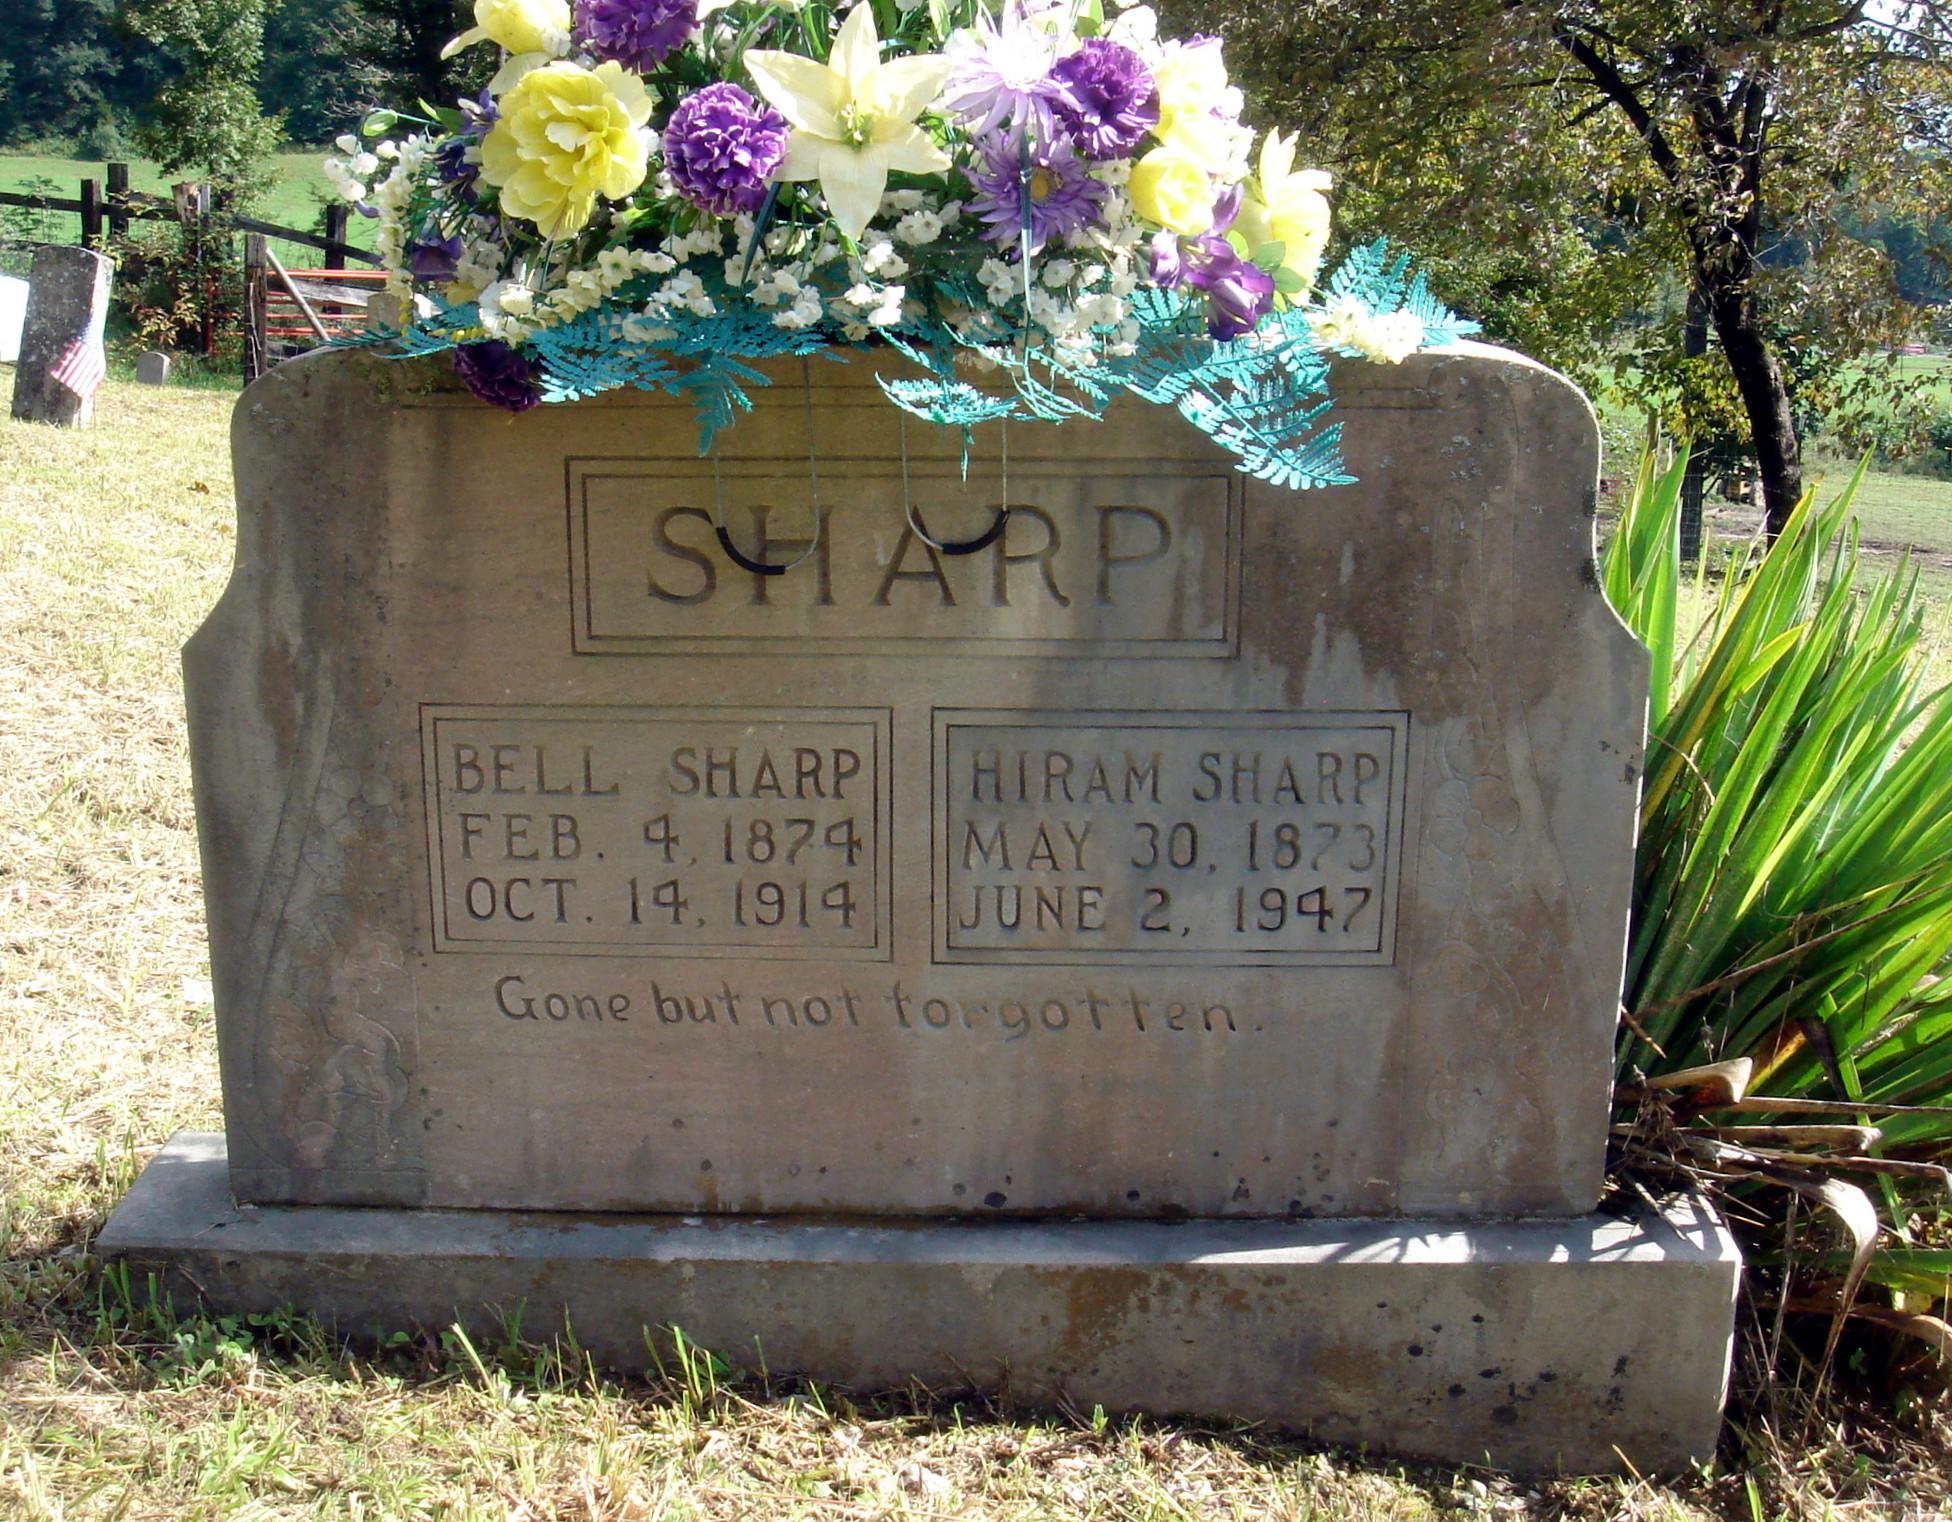 Hiram Sharp